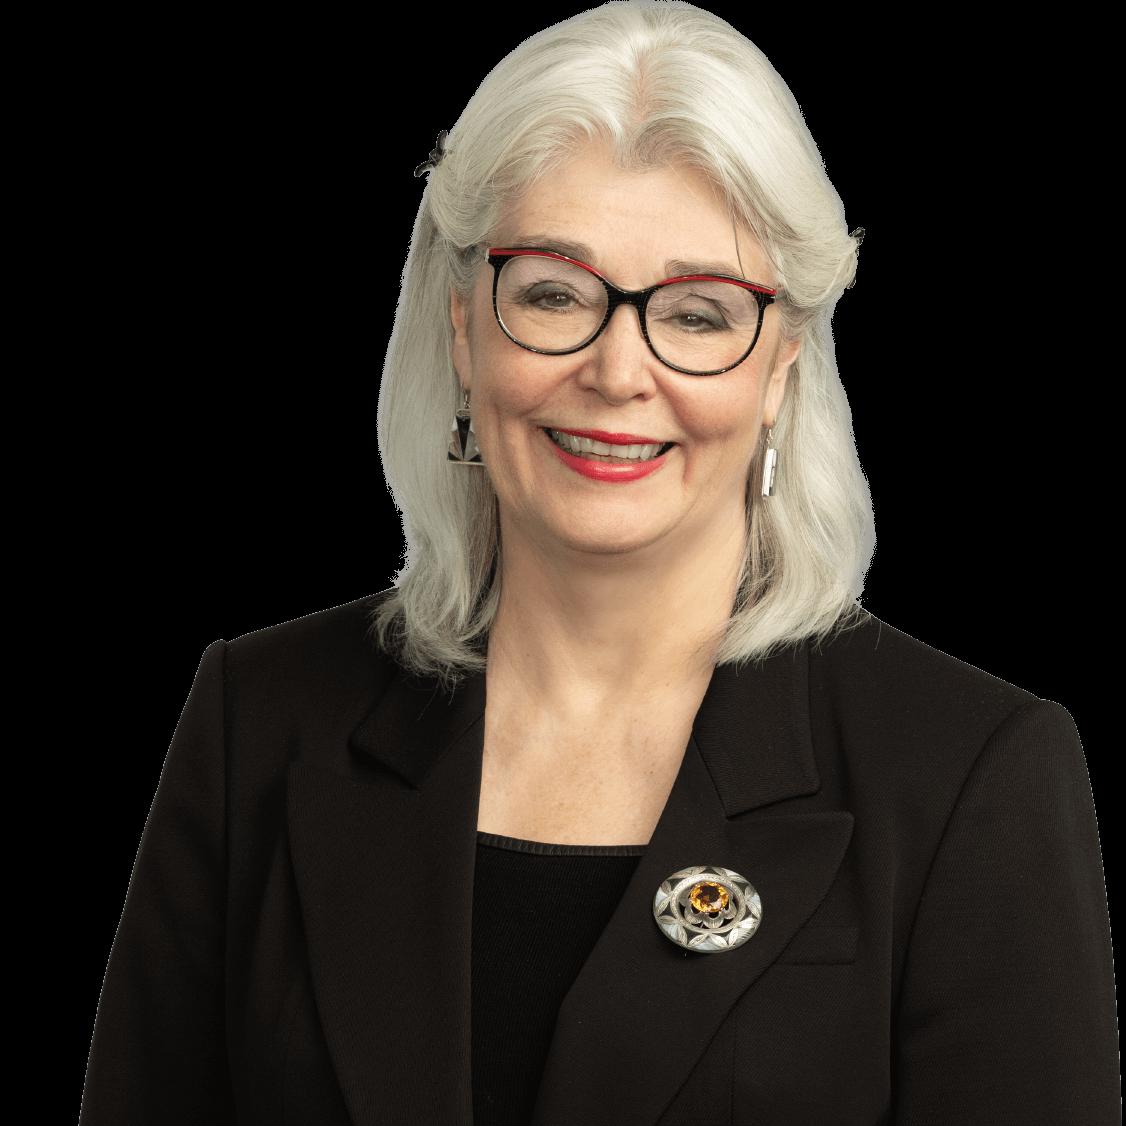 Janet Goelz Hoffman